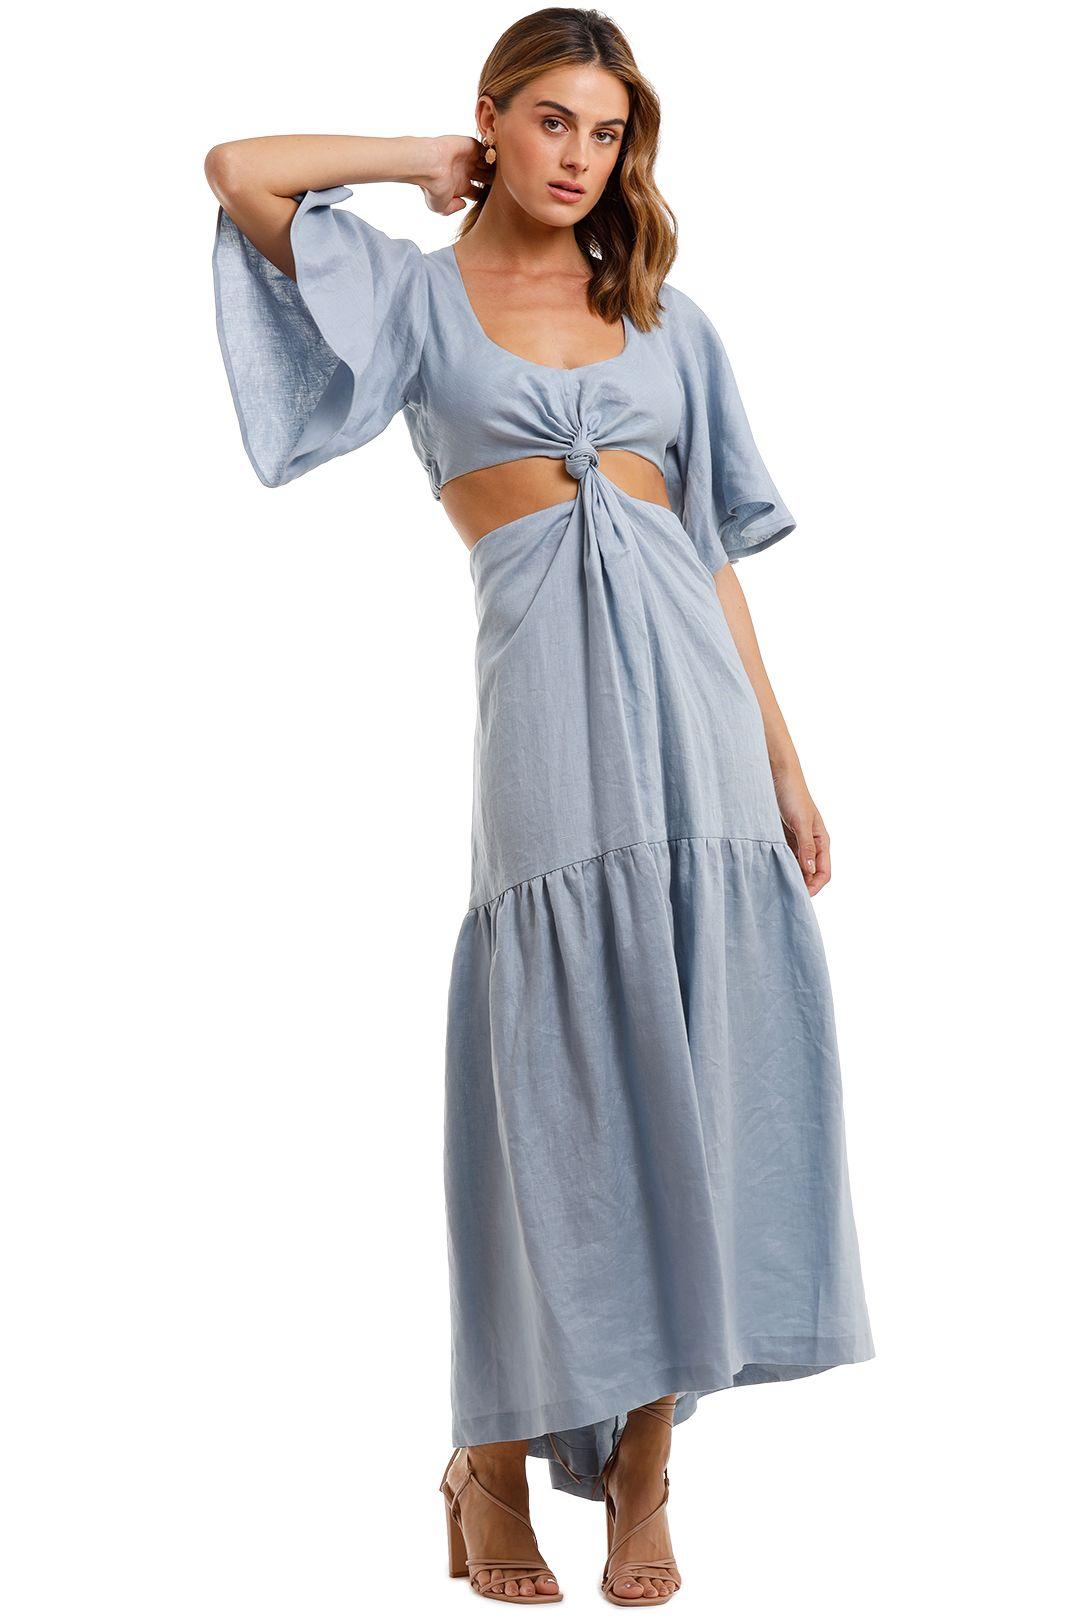 KITX Linen Knot Dress flutter sleeve